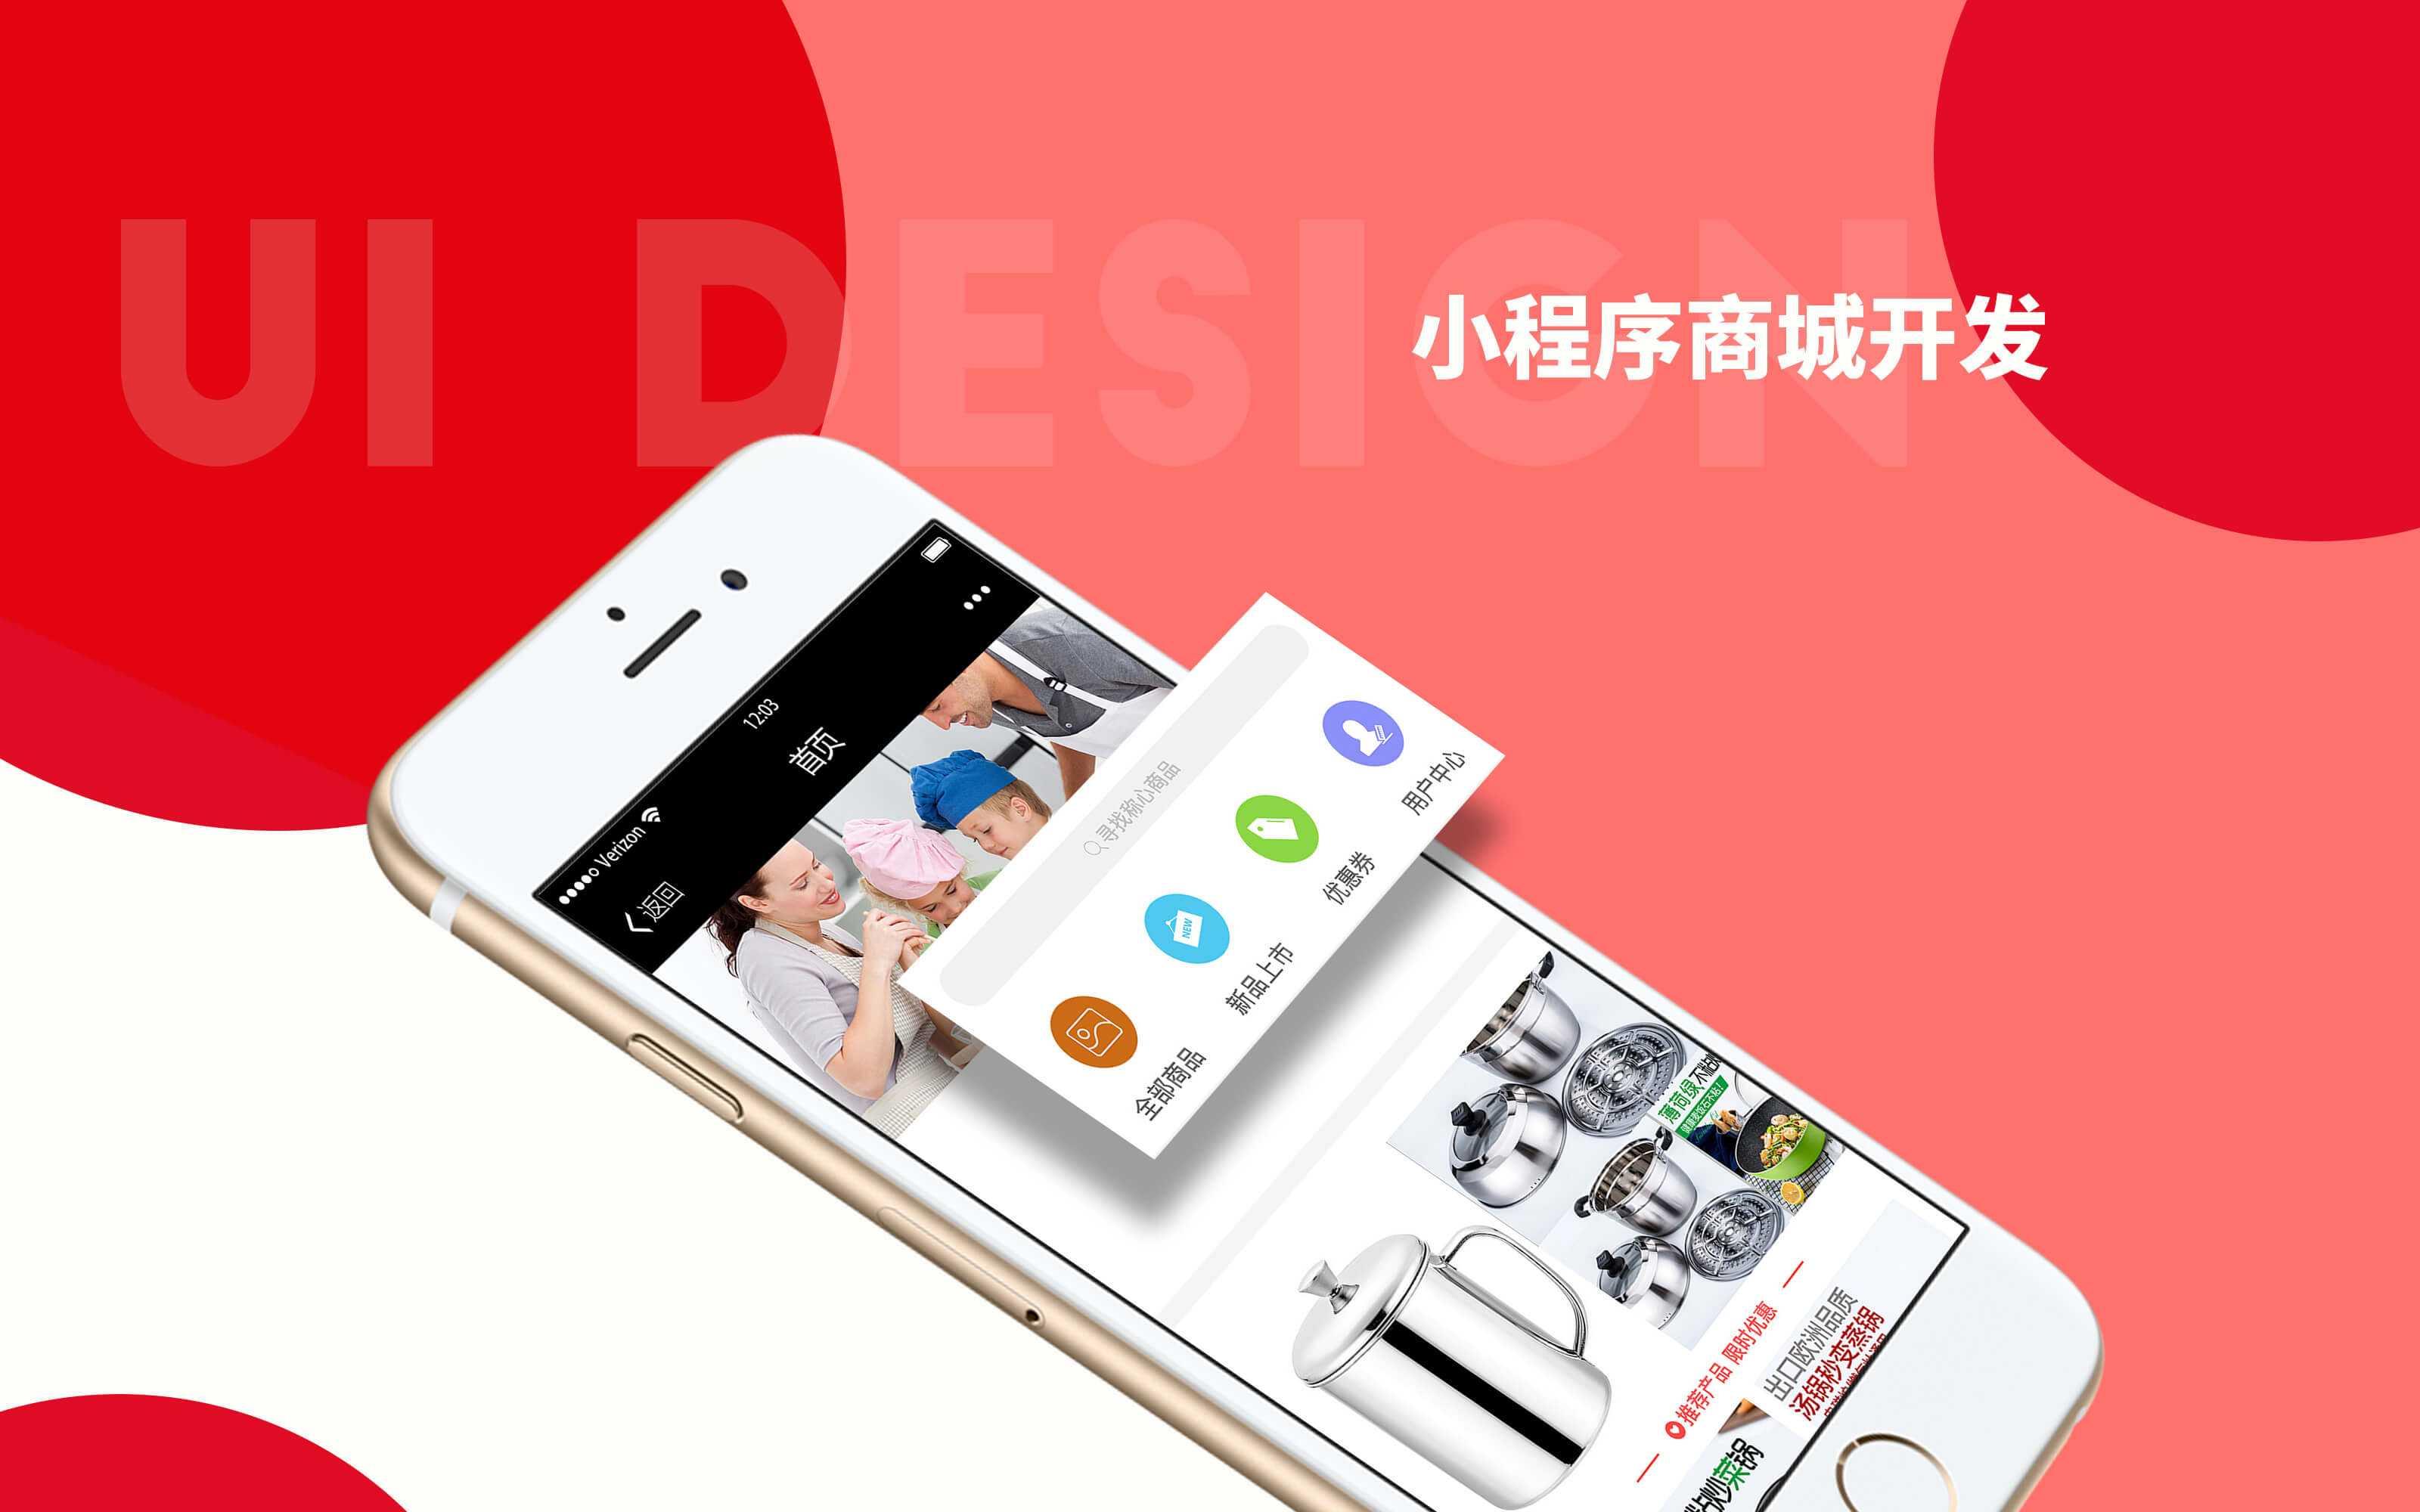 郑州企能微信营销推广解决方案